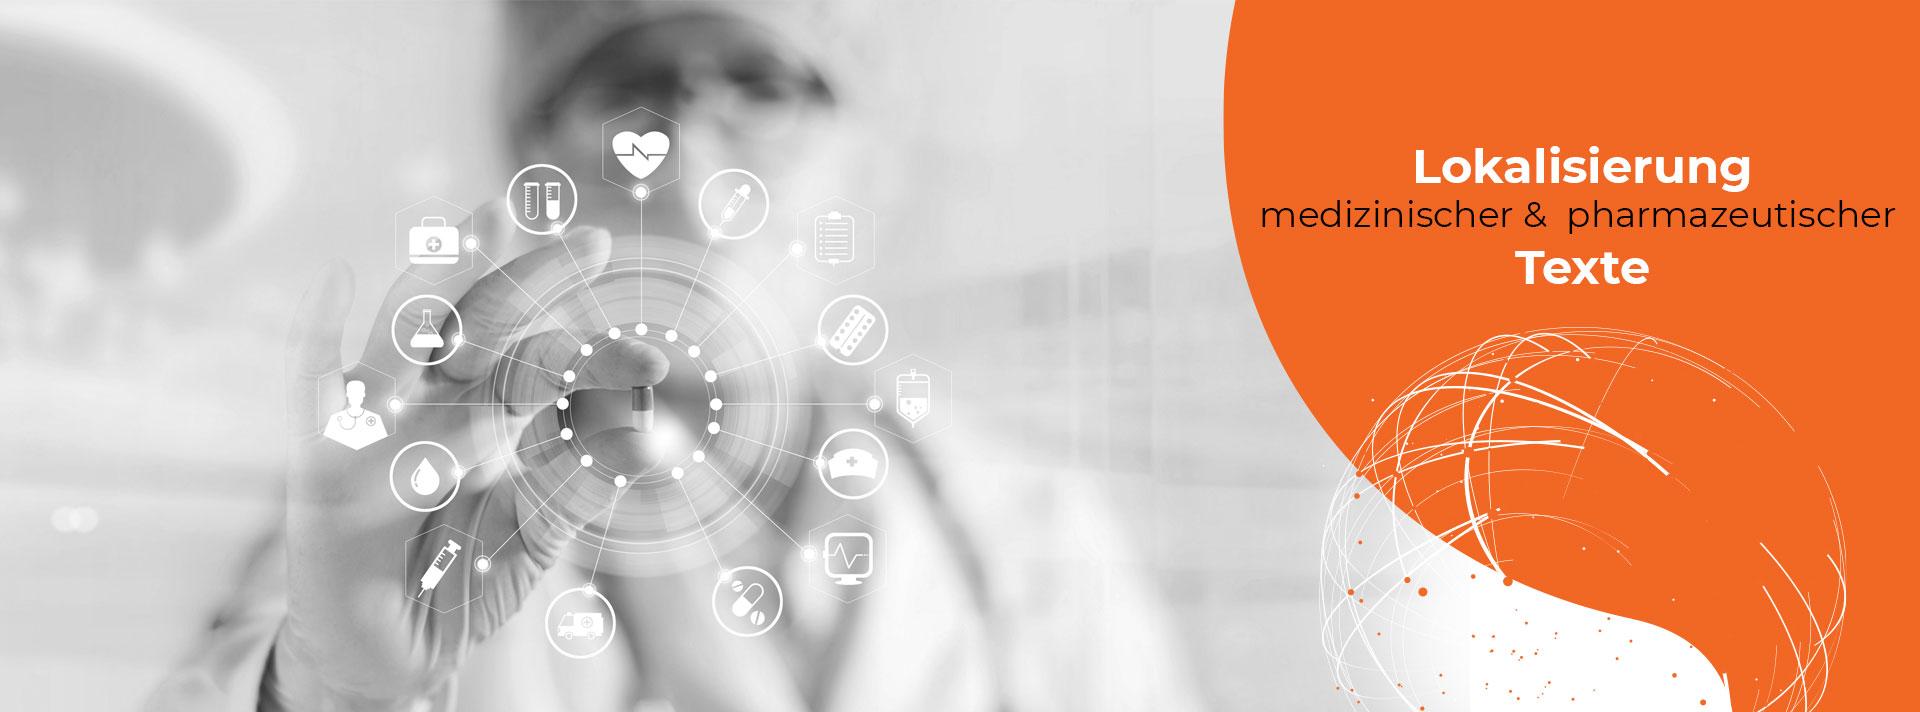 Lokalisierung medizinischer und pharmazeutischer Texte